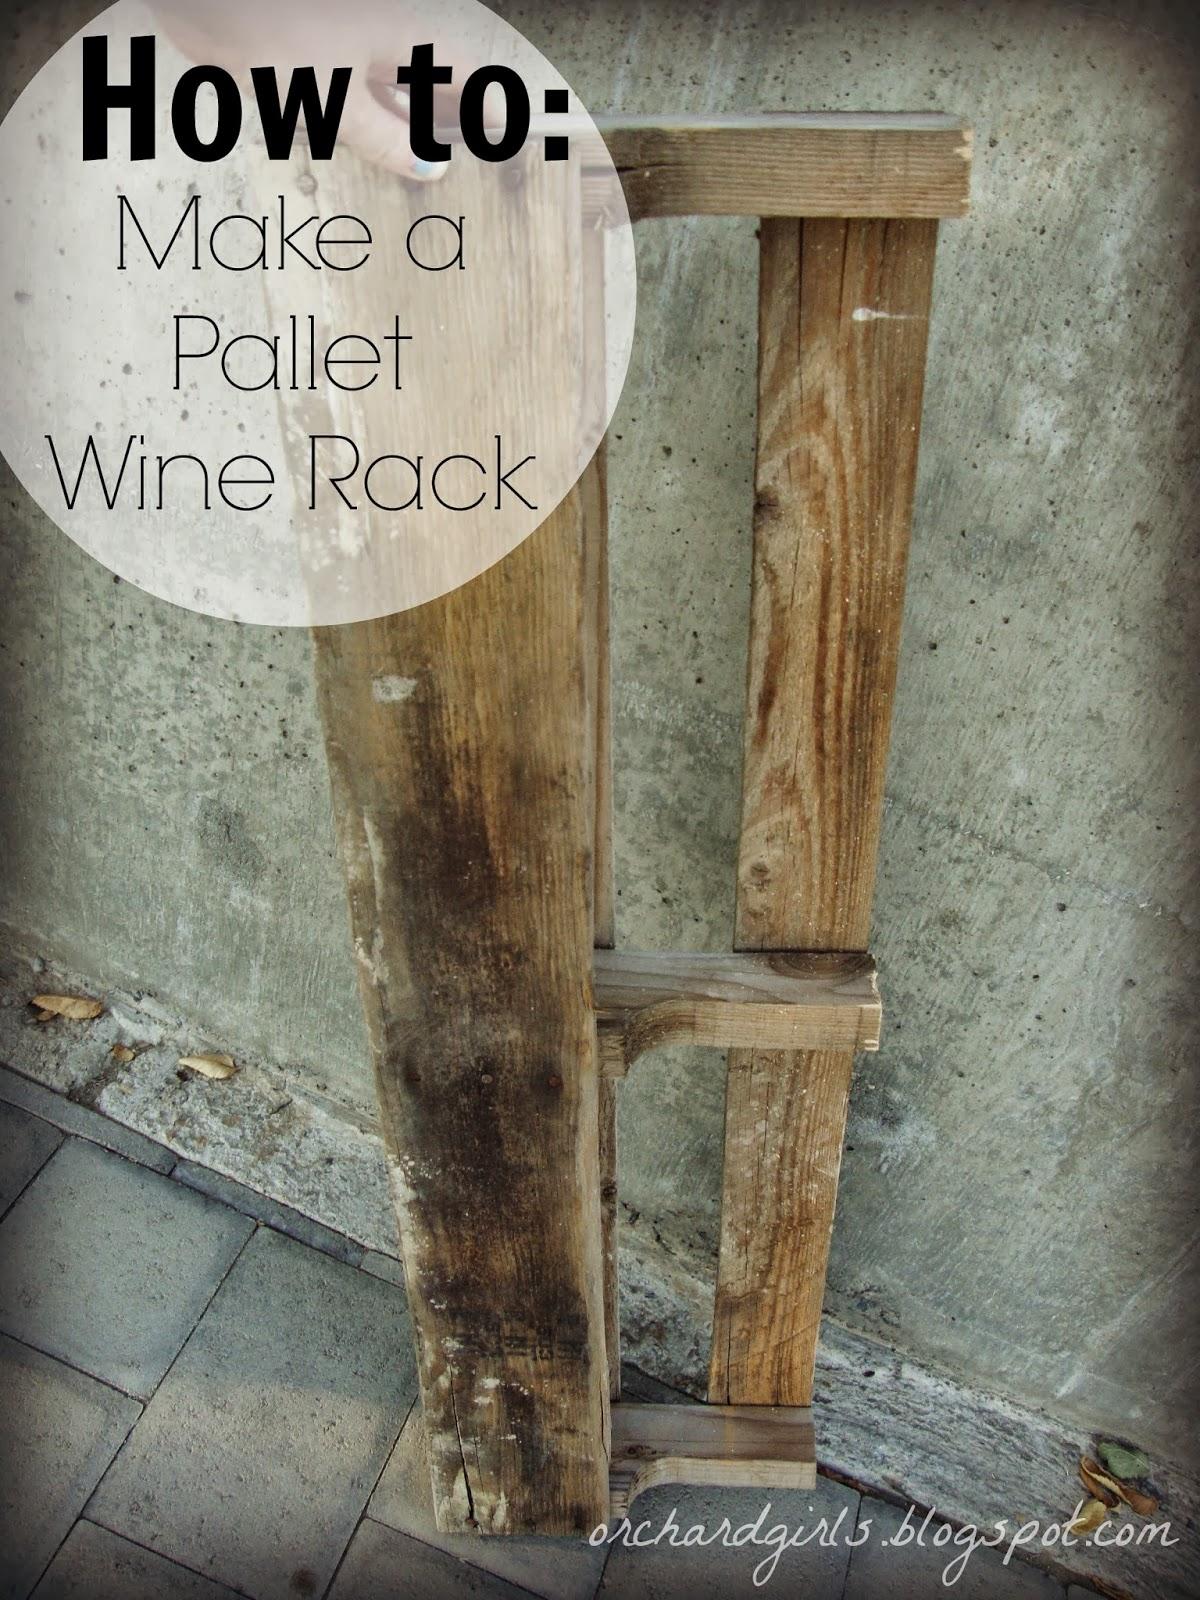 orchard girls diy pallet wine rack. Black Bedroom Furniture Sets. Home Design Ideas